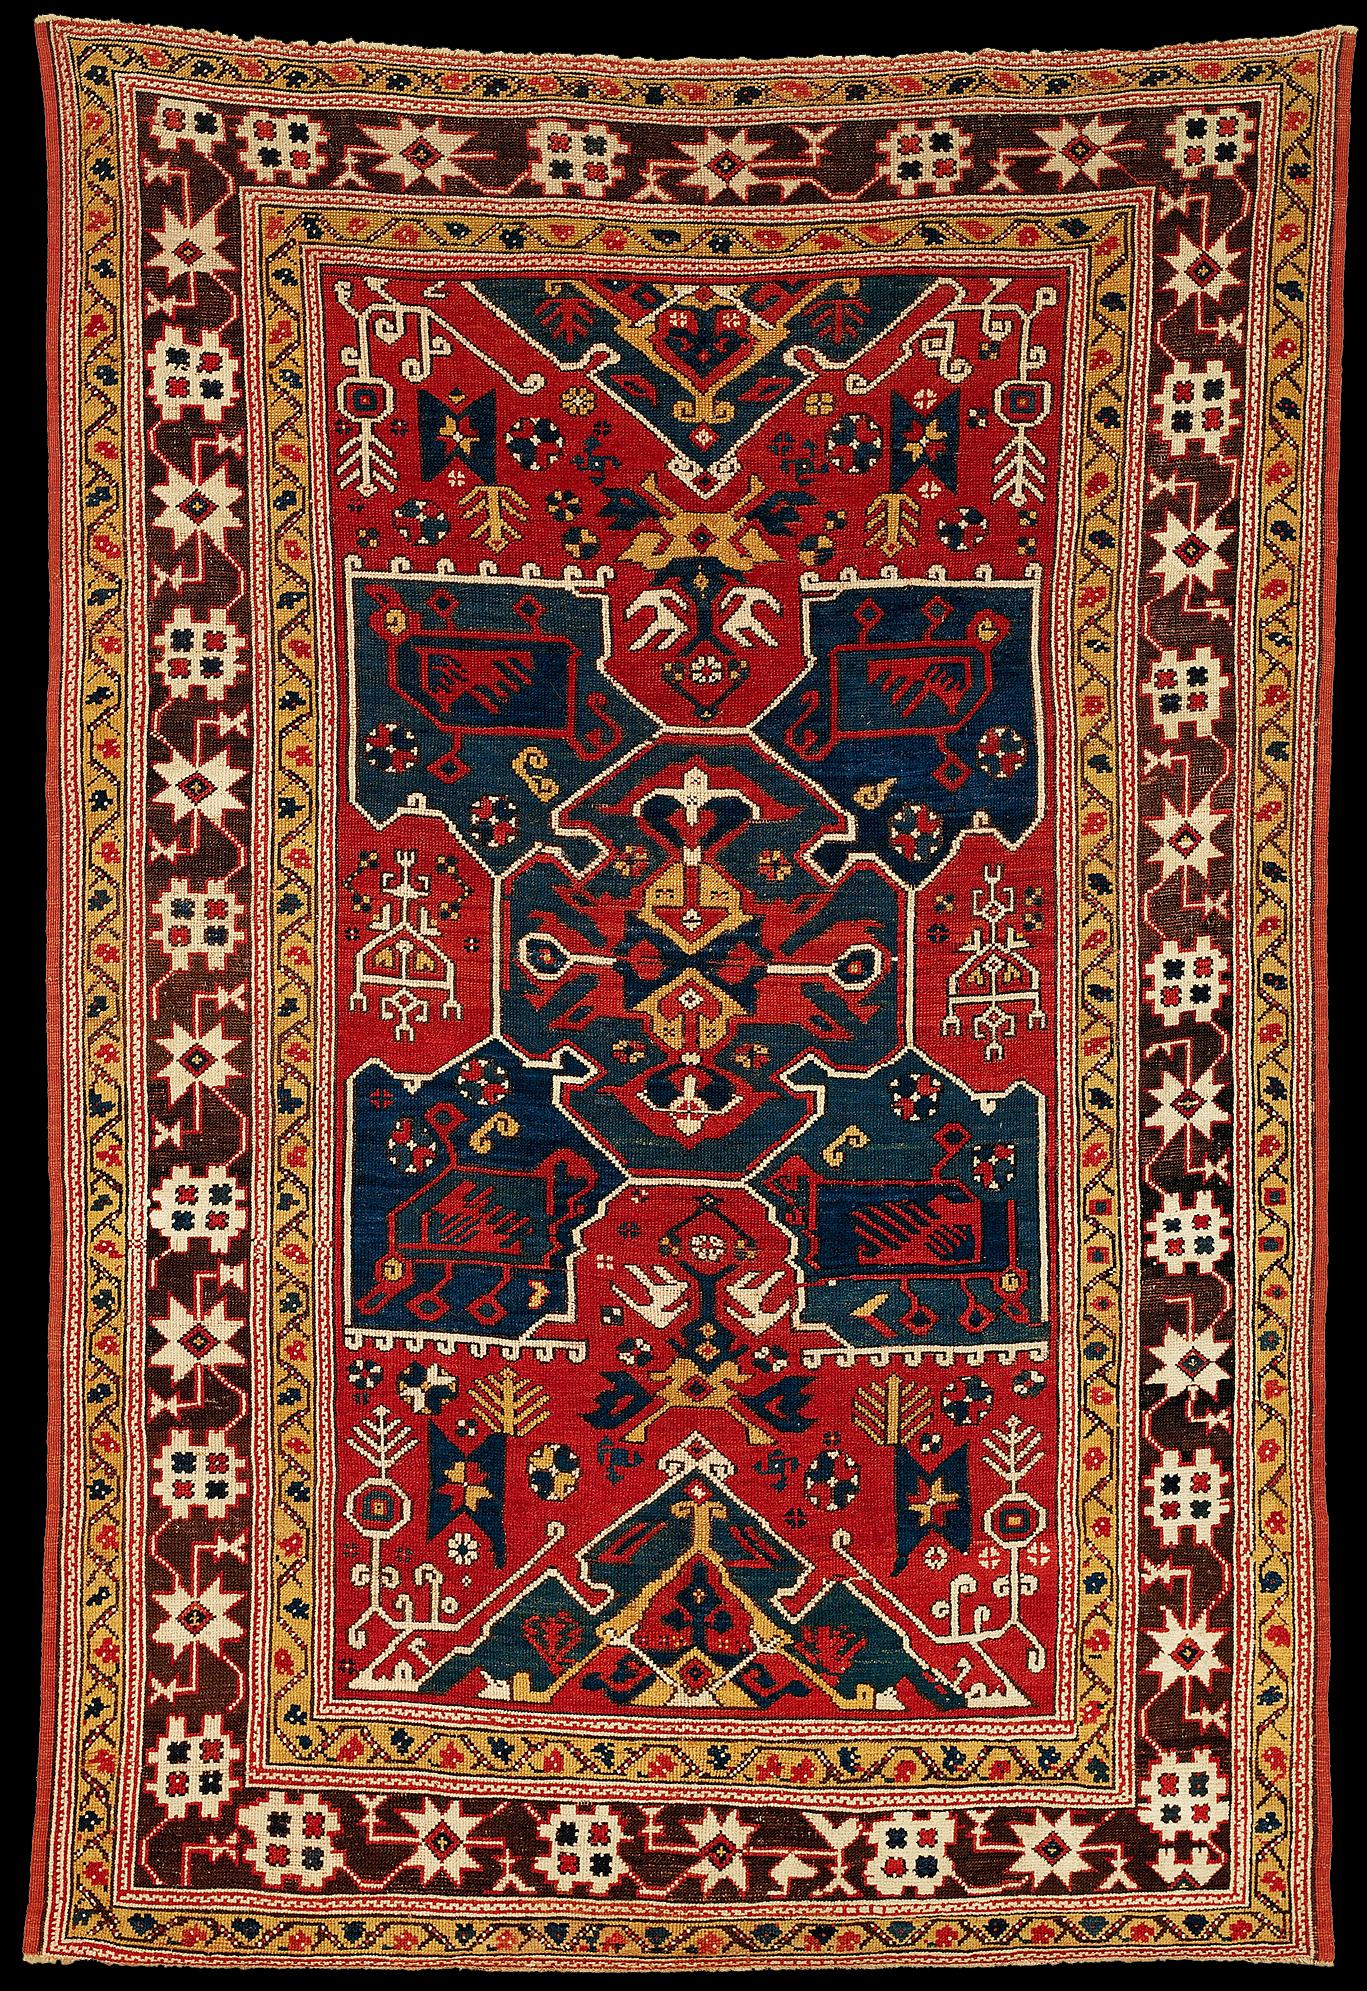 Antique Bergama Carpet, 18th century